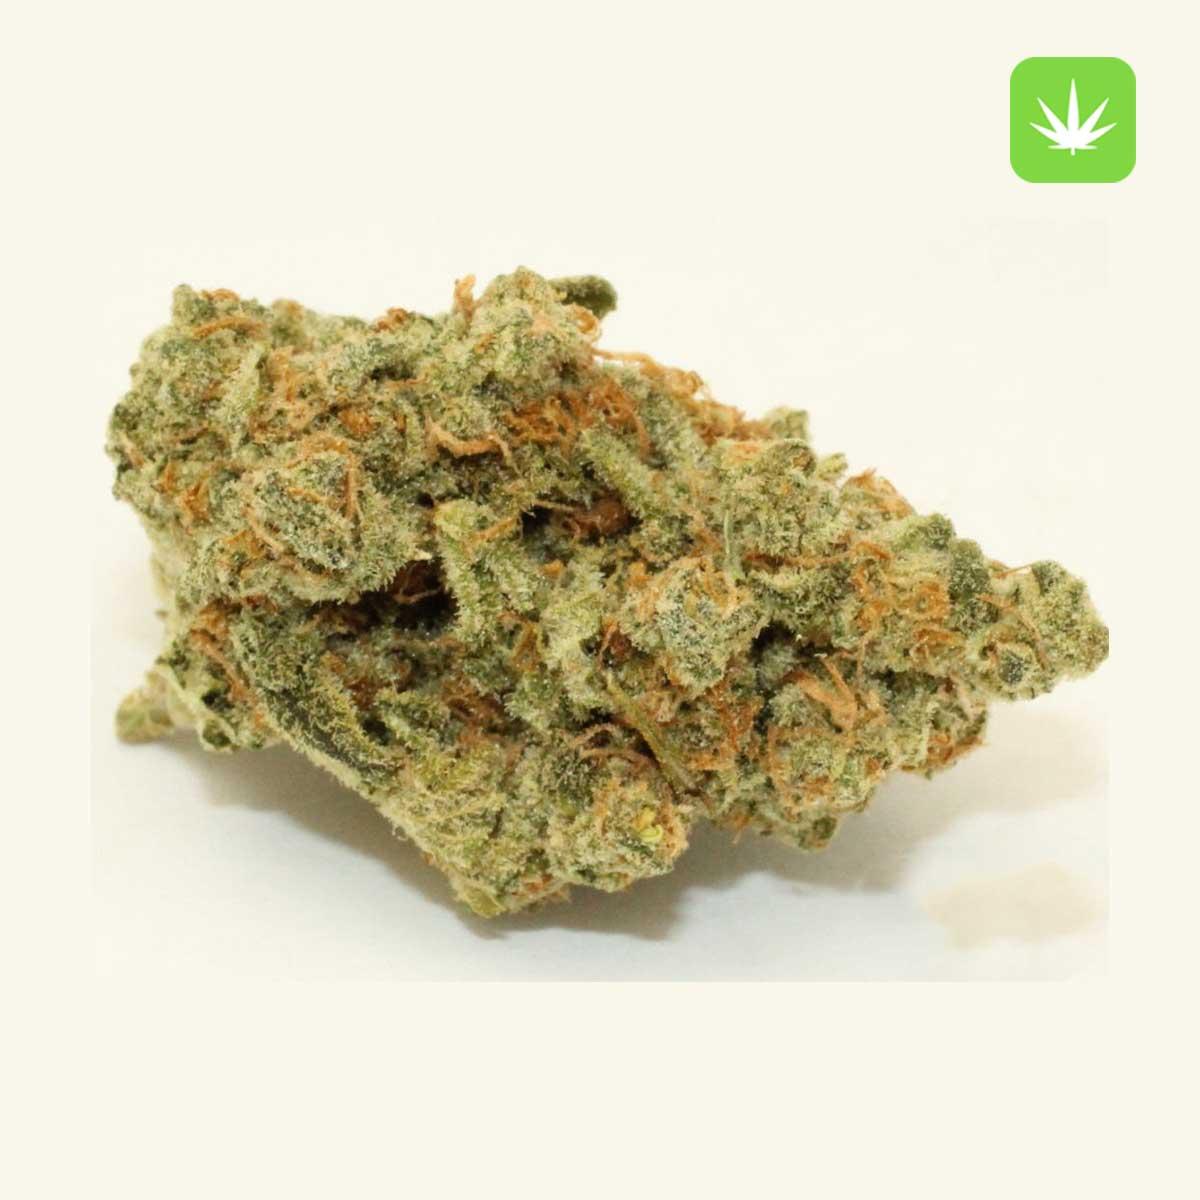 Hindu Kush 2 Cannabis Avenue 2